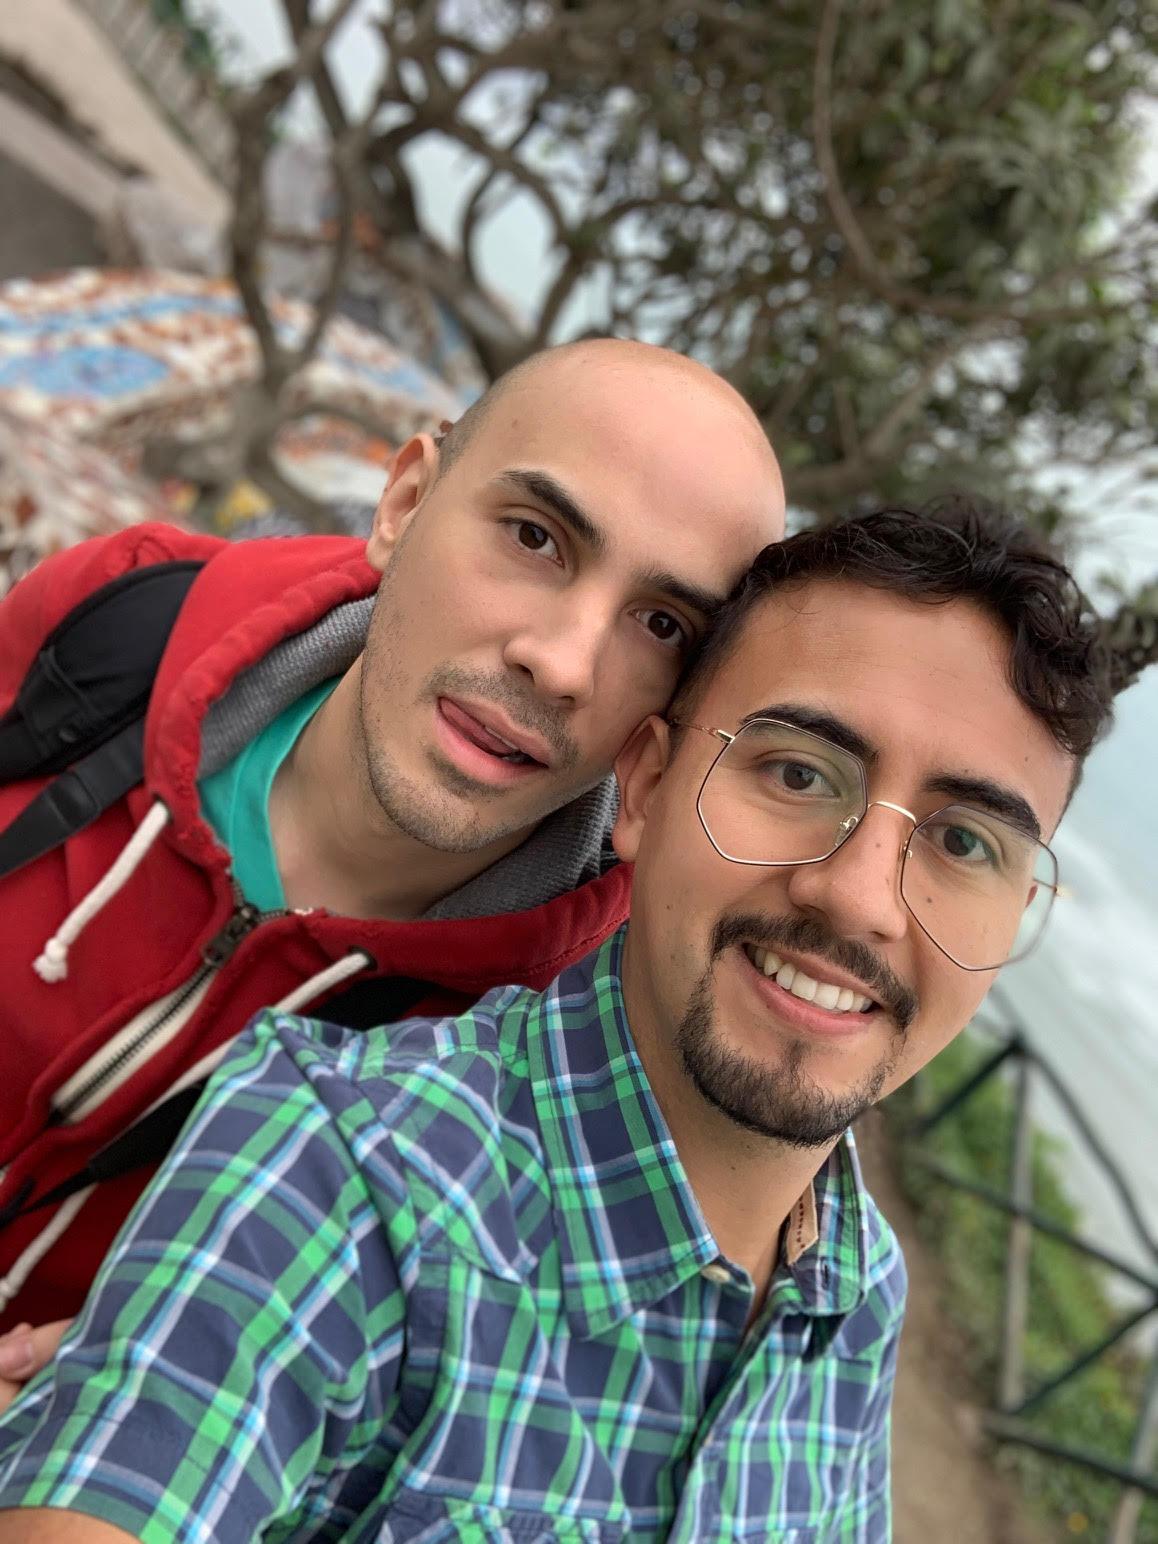 Rodrigo y Víctor son una pareja que tuvo una relación a distancia